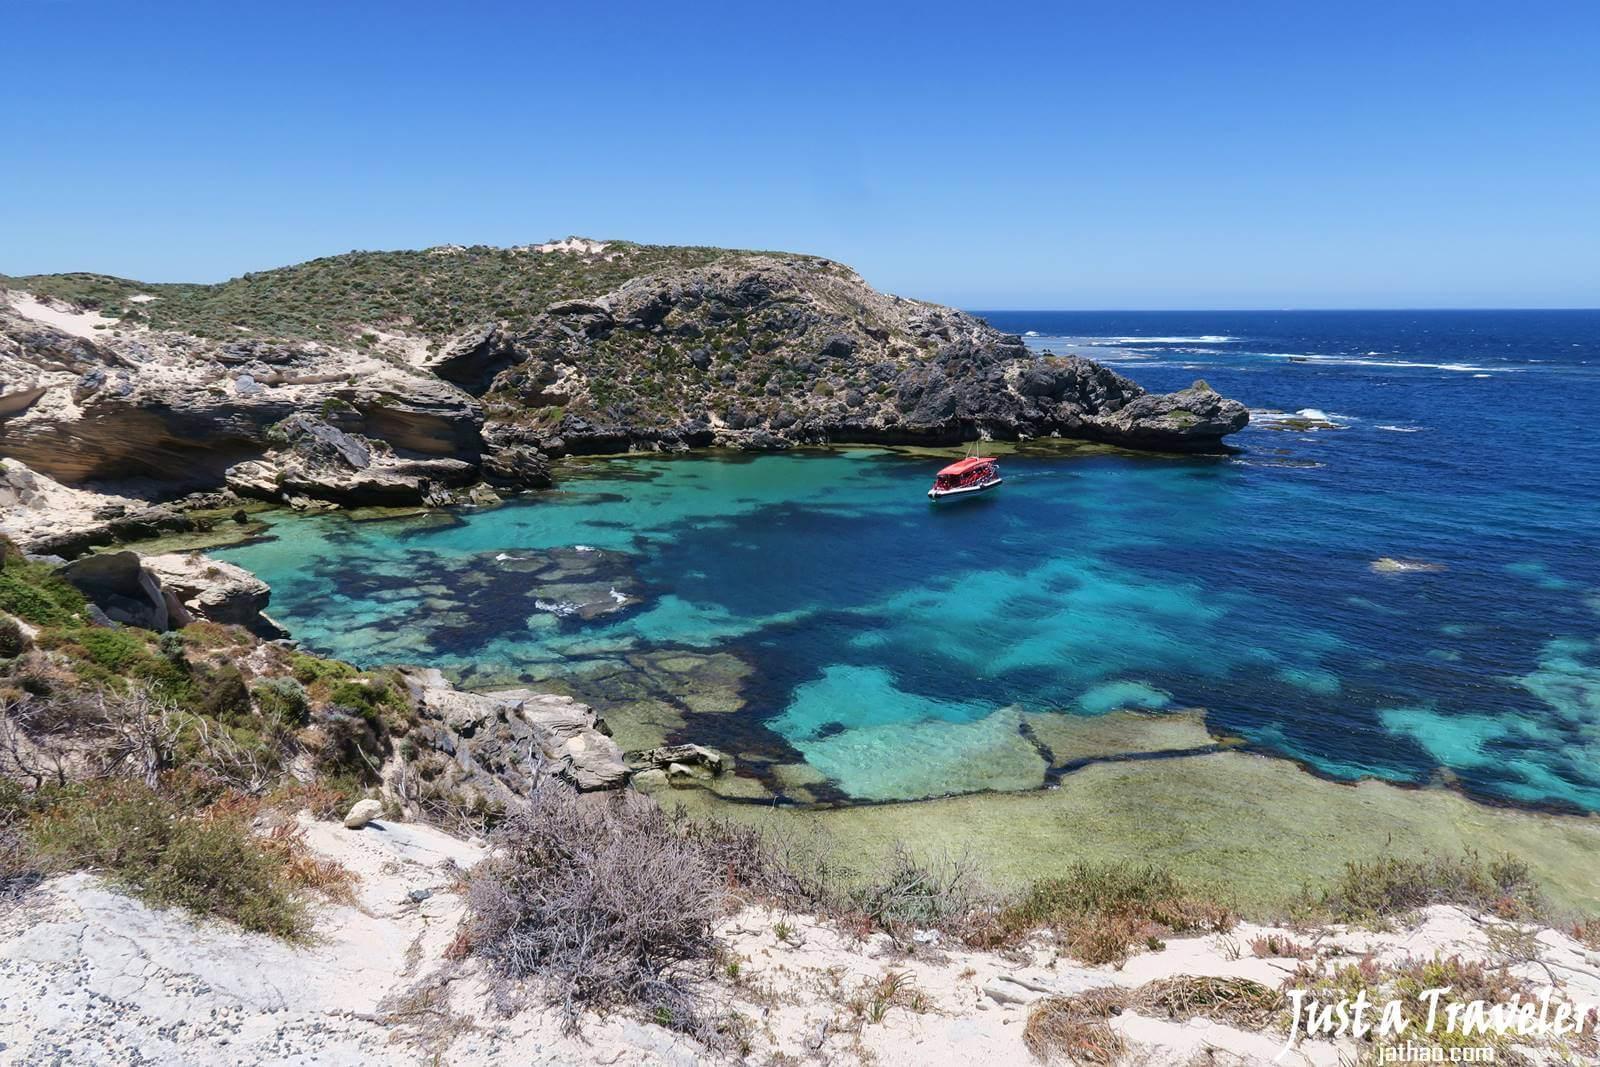 澳洲-西澳-伯斯-景點-遊記-推薦-自由行-整理-攻略-旅遊-觀光-交通-住宿-Perth-珀斯-天氣-必玩-必遊-必去